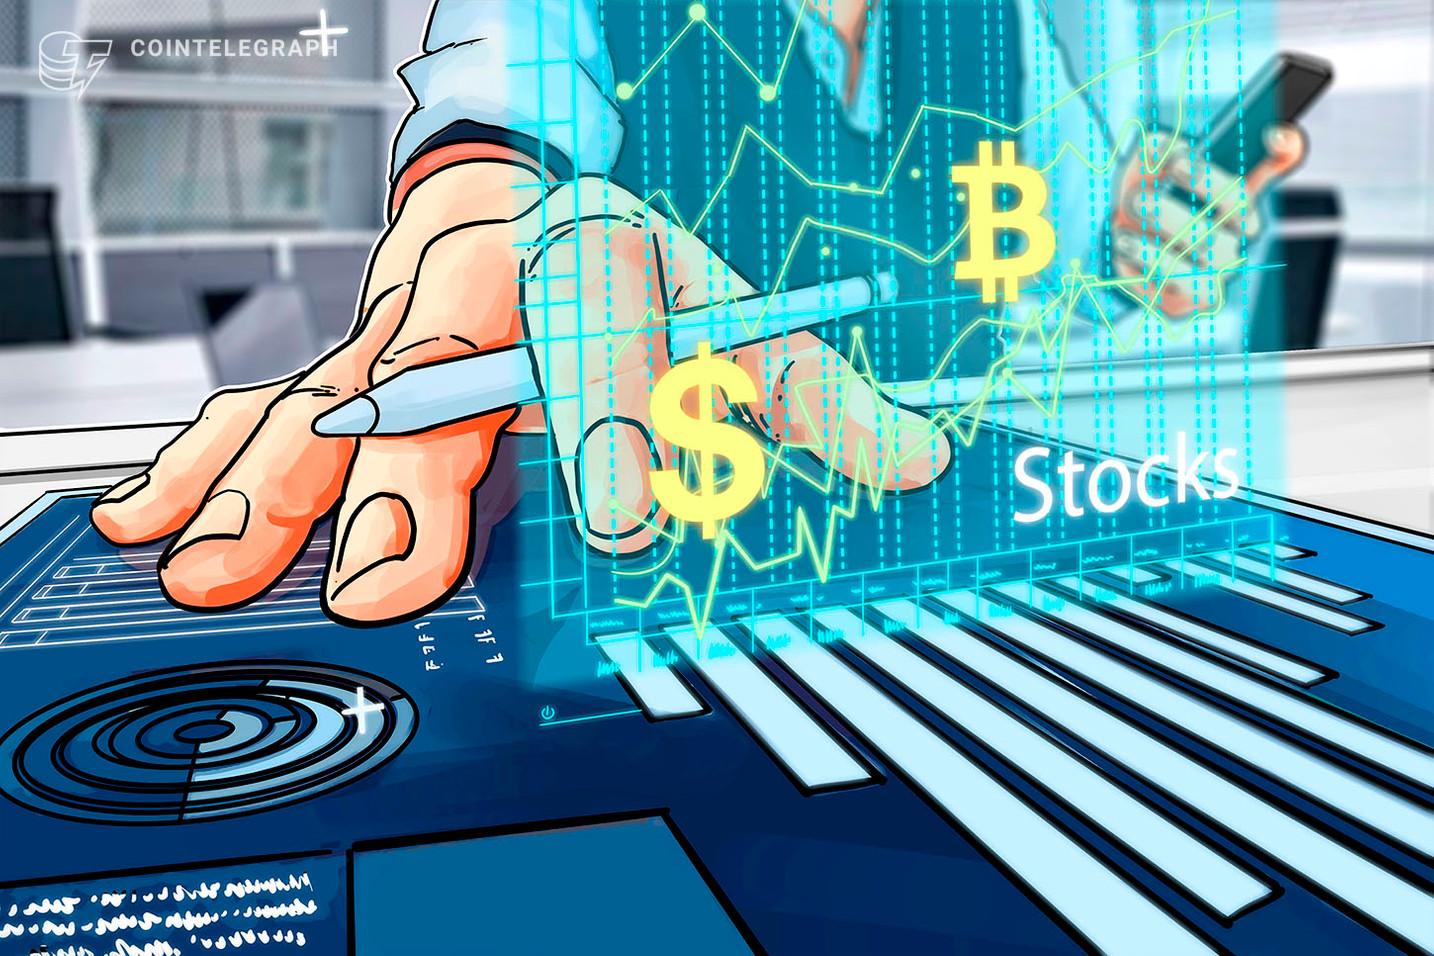 Azioni in crescita, dollaro in calo: 5 cose da osservare in Bitcoin questa settimana